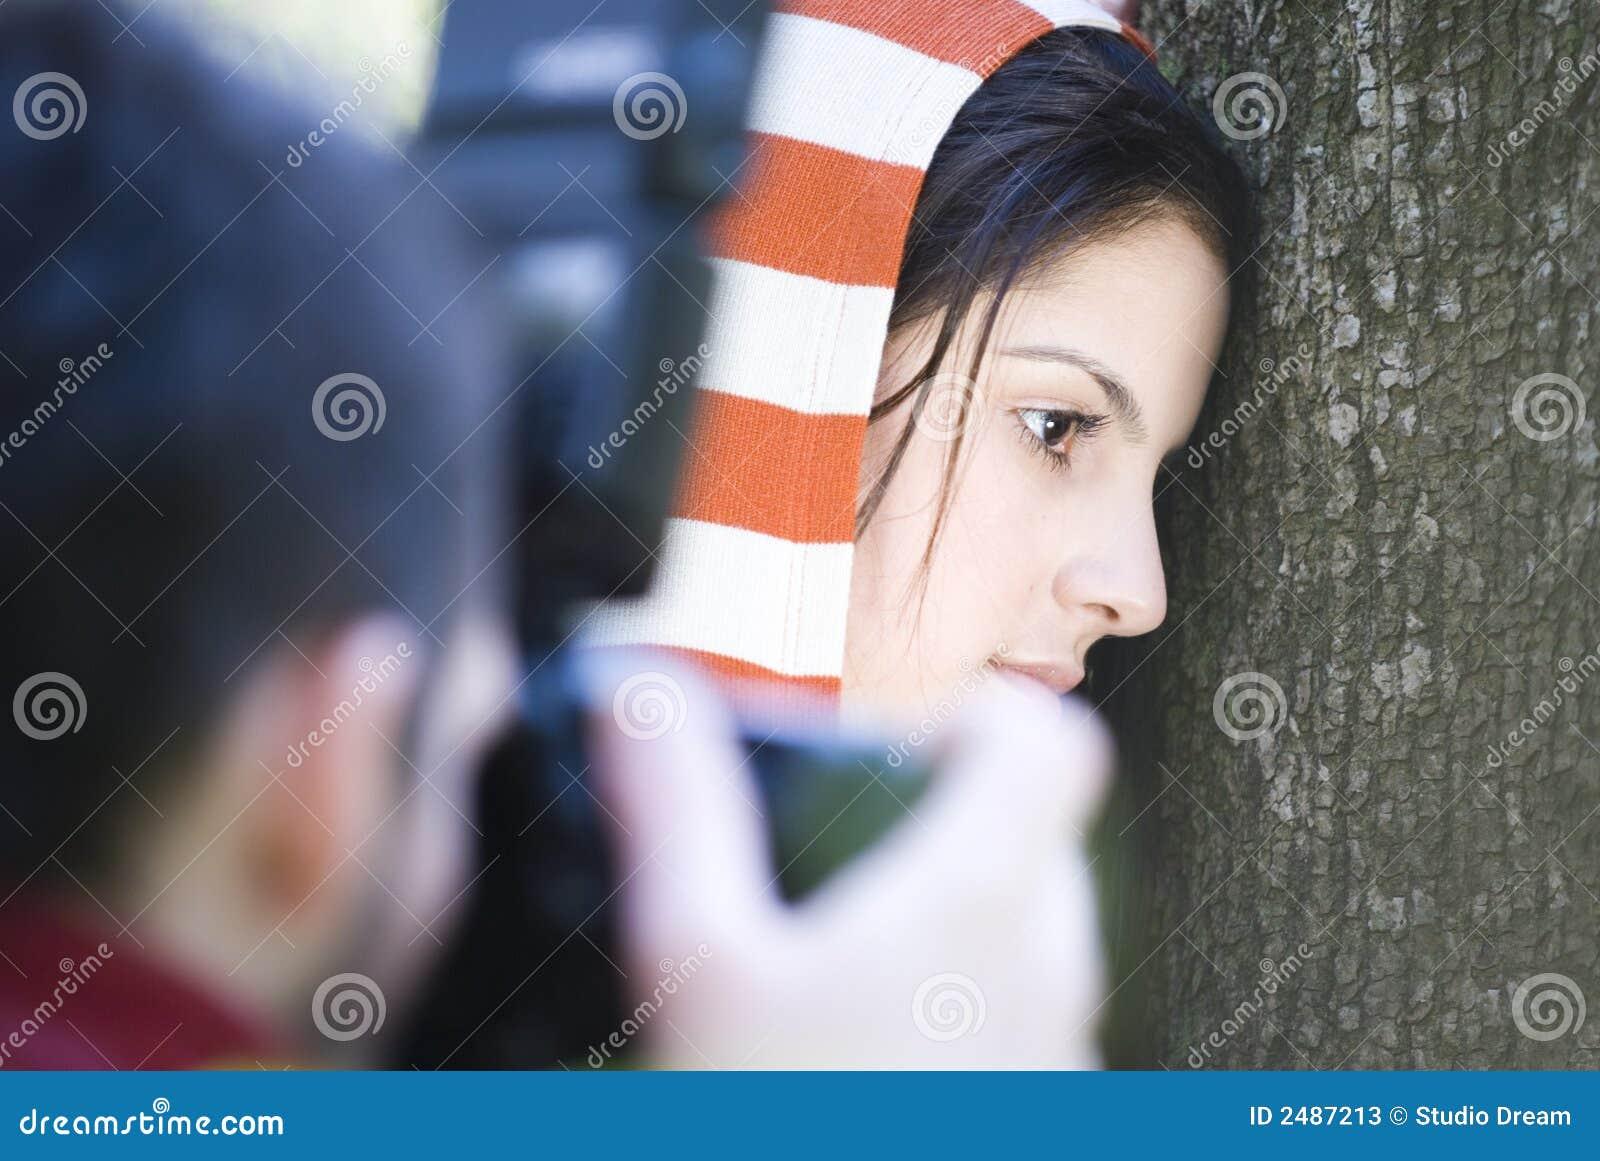 Het fotograferen van donkerbruine vrouw